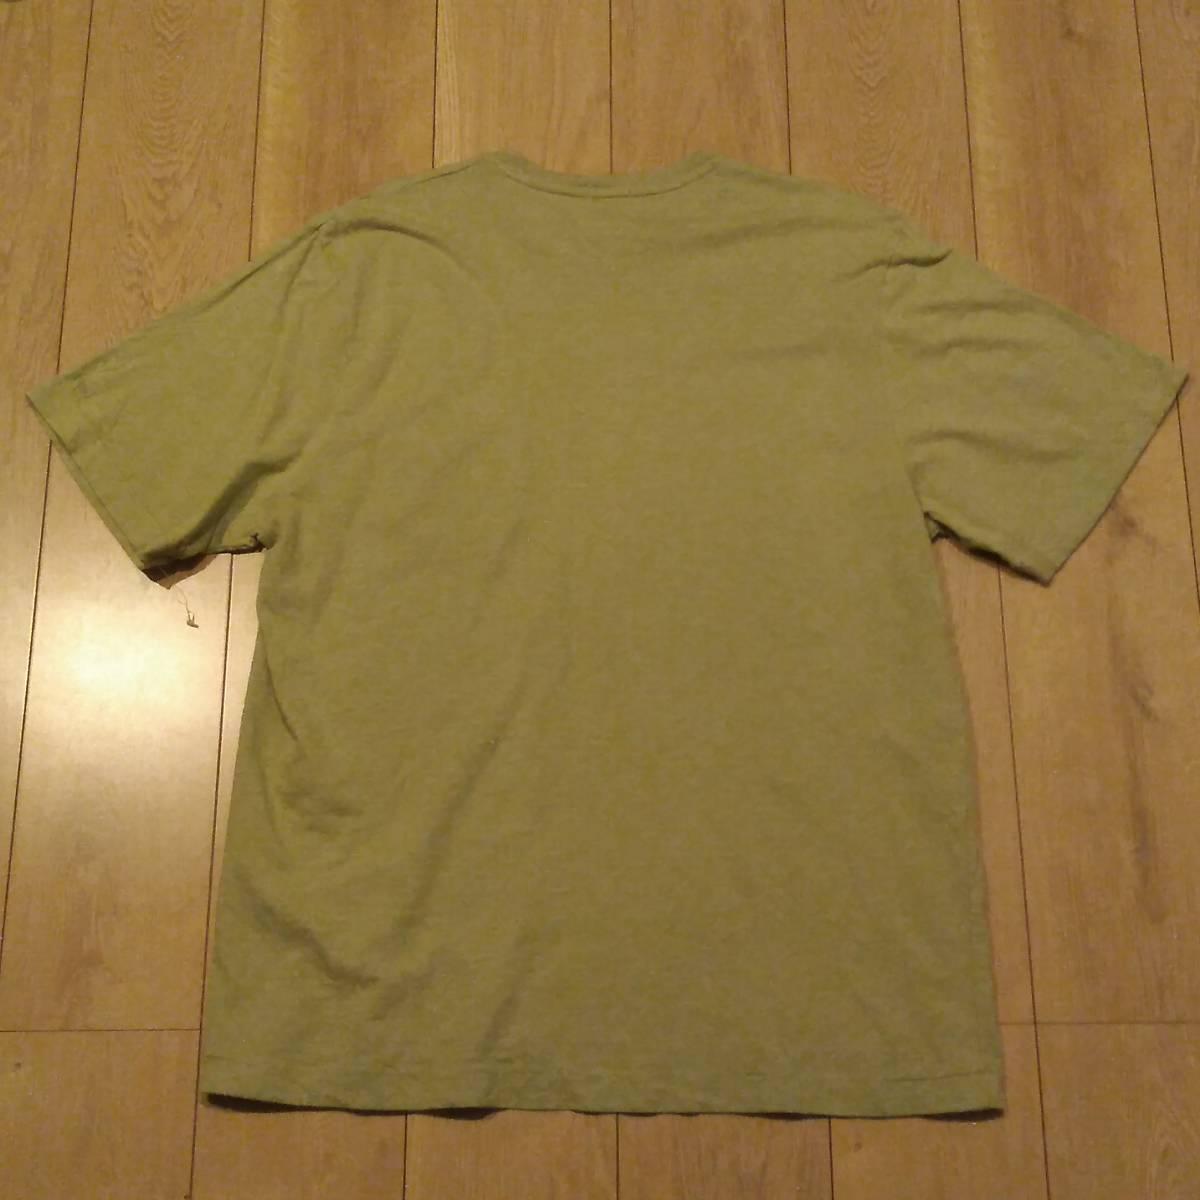 USA古着卸 AMERICAN EAGLE アメリカンイーグル 胸ポケ Tシャツ XL_画像2